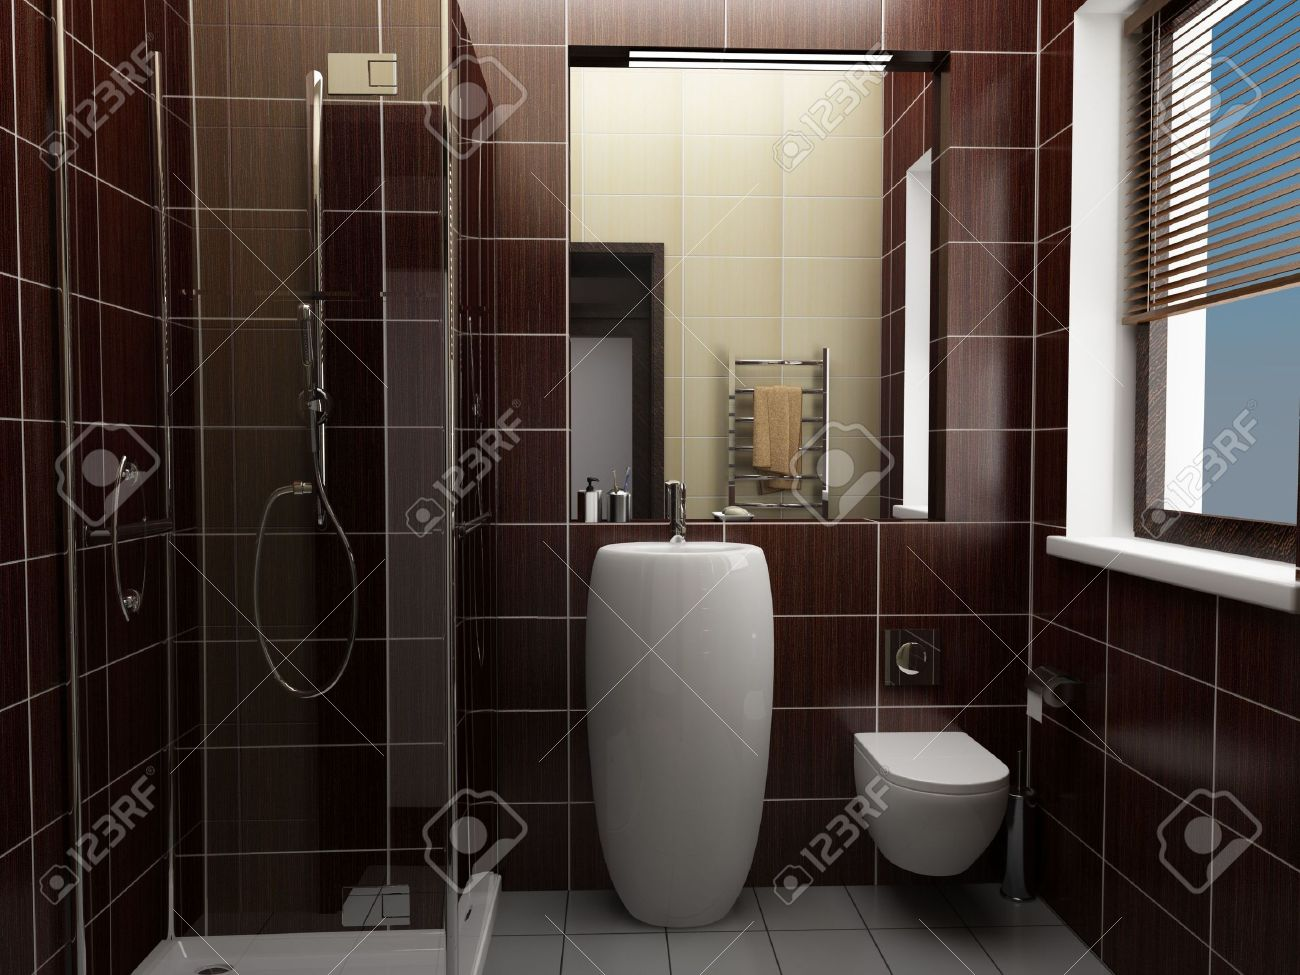 modernes badezimmer mit braunen fliesen lizenzfreie fotos, bilder, Wohnzimmer dekoo